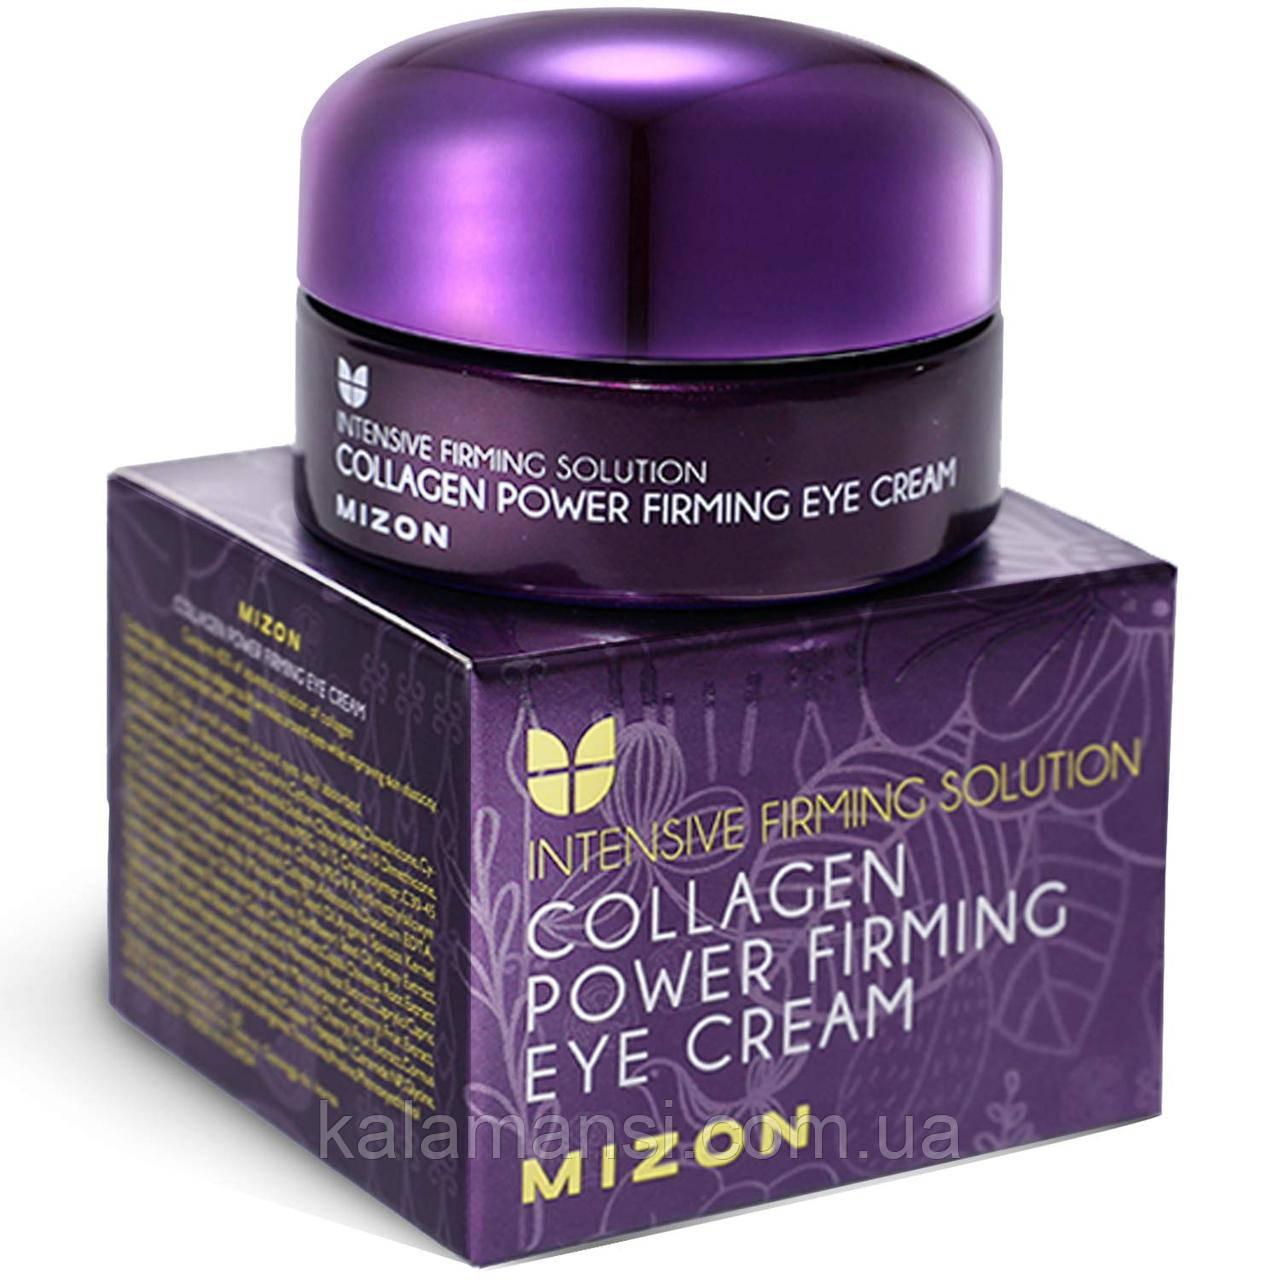 Колагеновий крем для повік Mizon Collagen Power Firming Eye Cream 25 мл